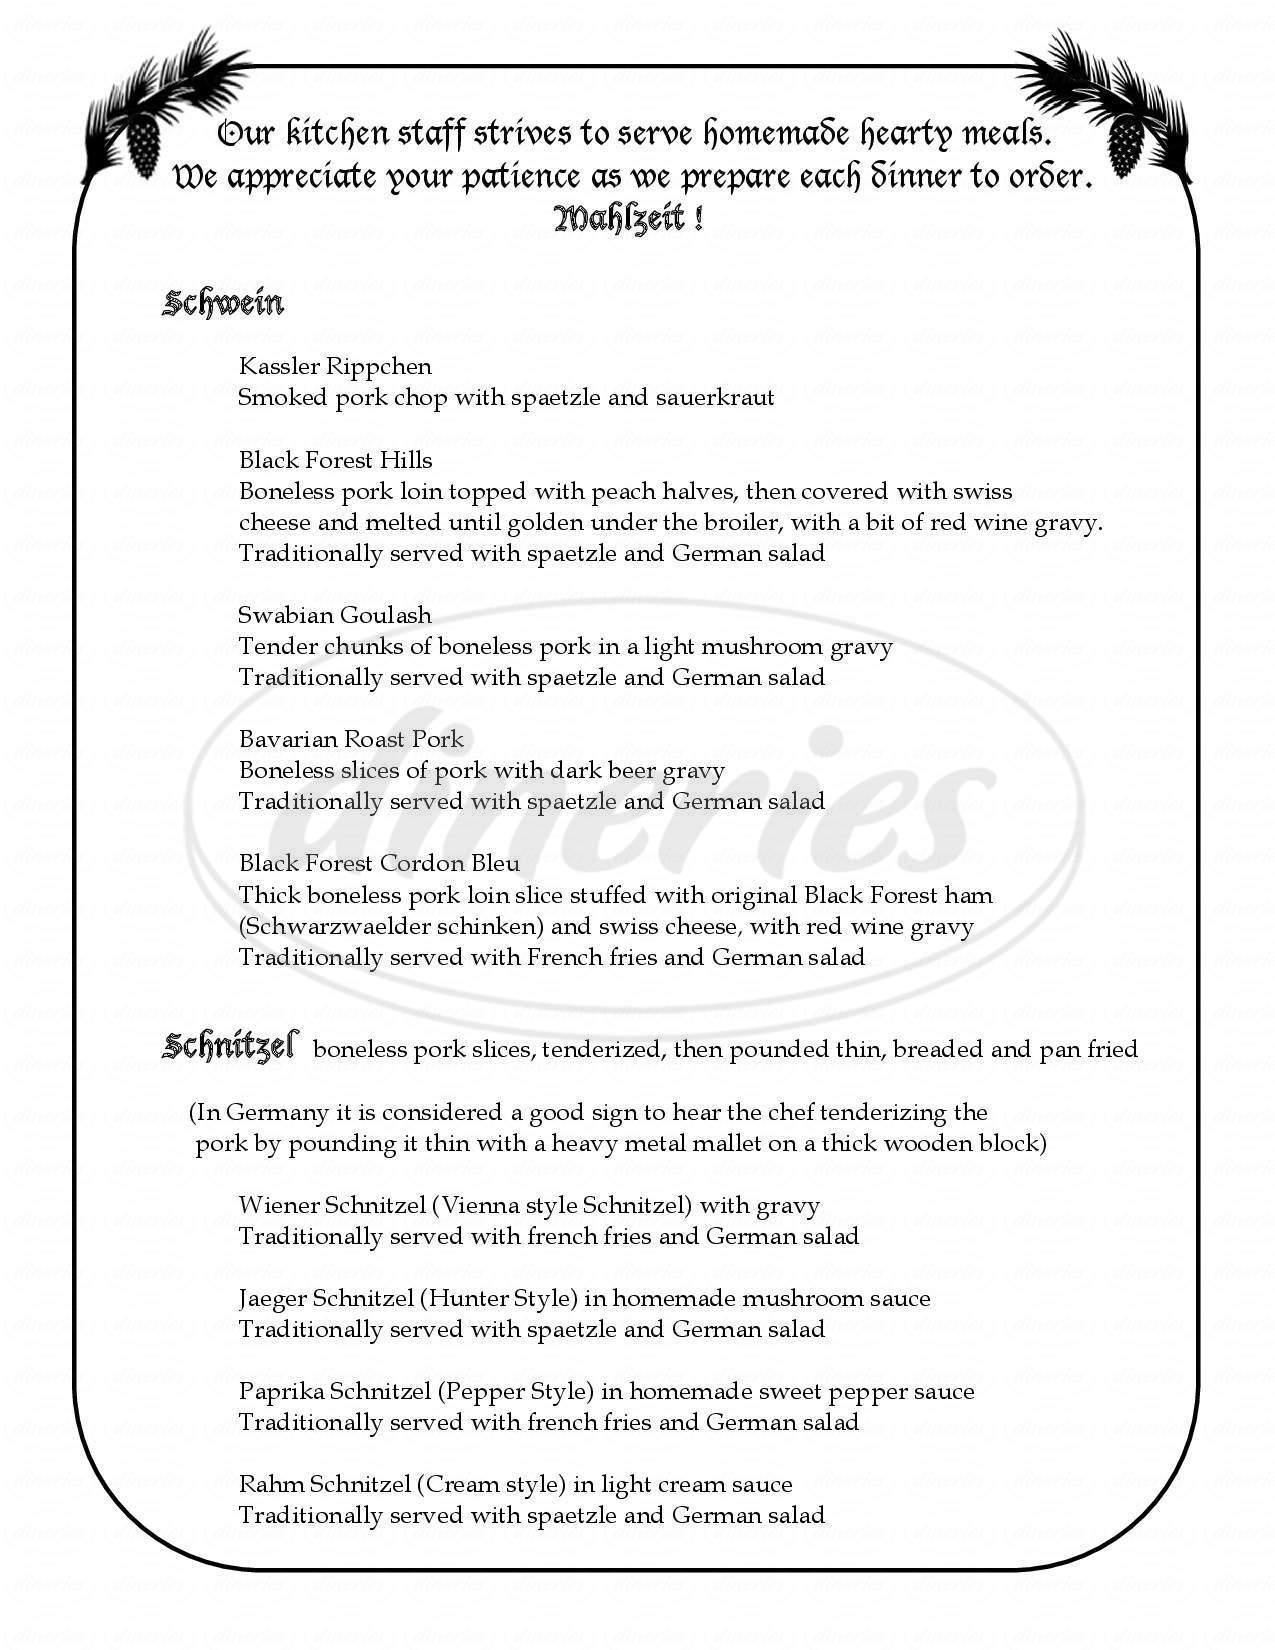 Black Forest Adler Menu - Amherst - Dineries